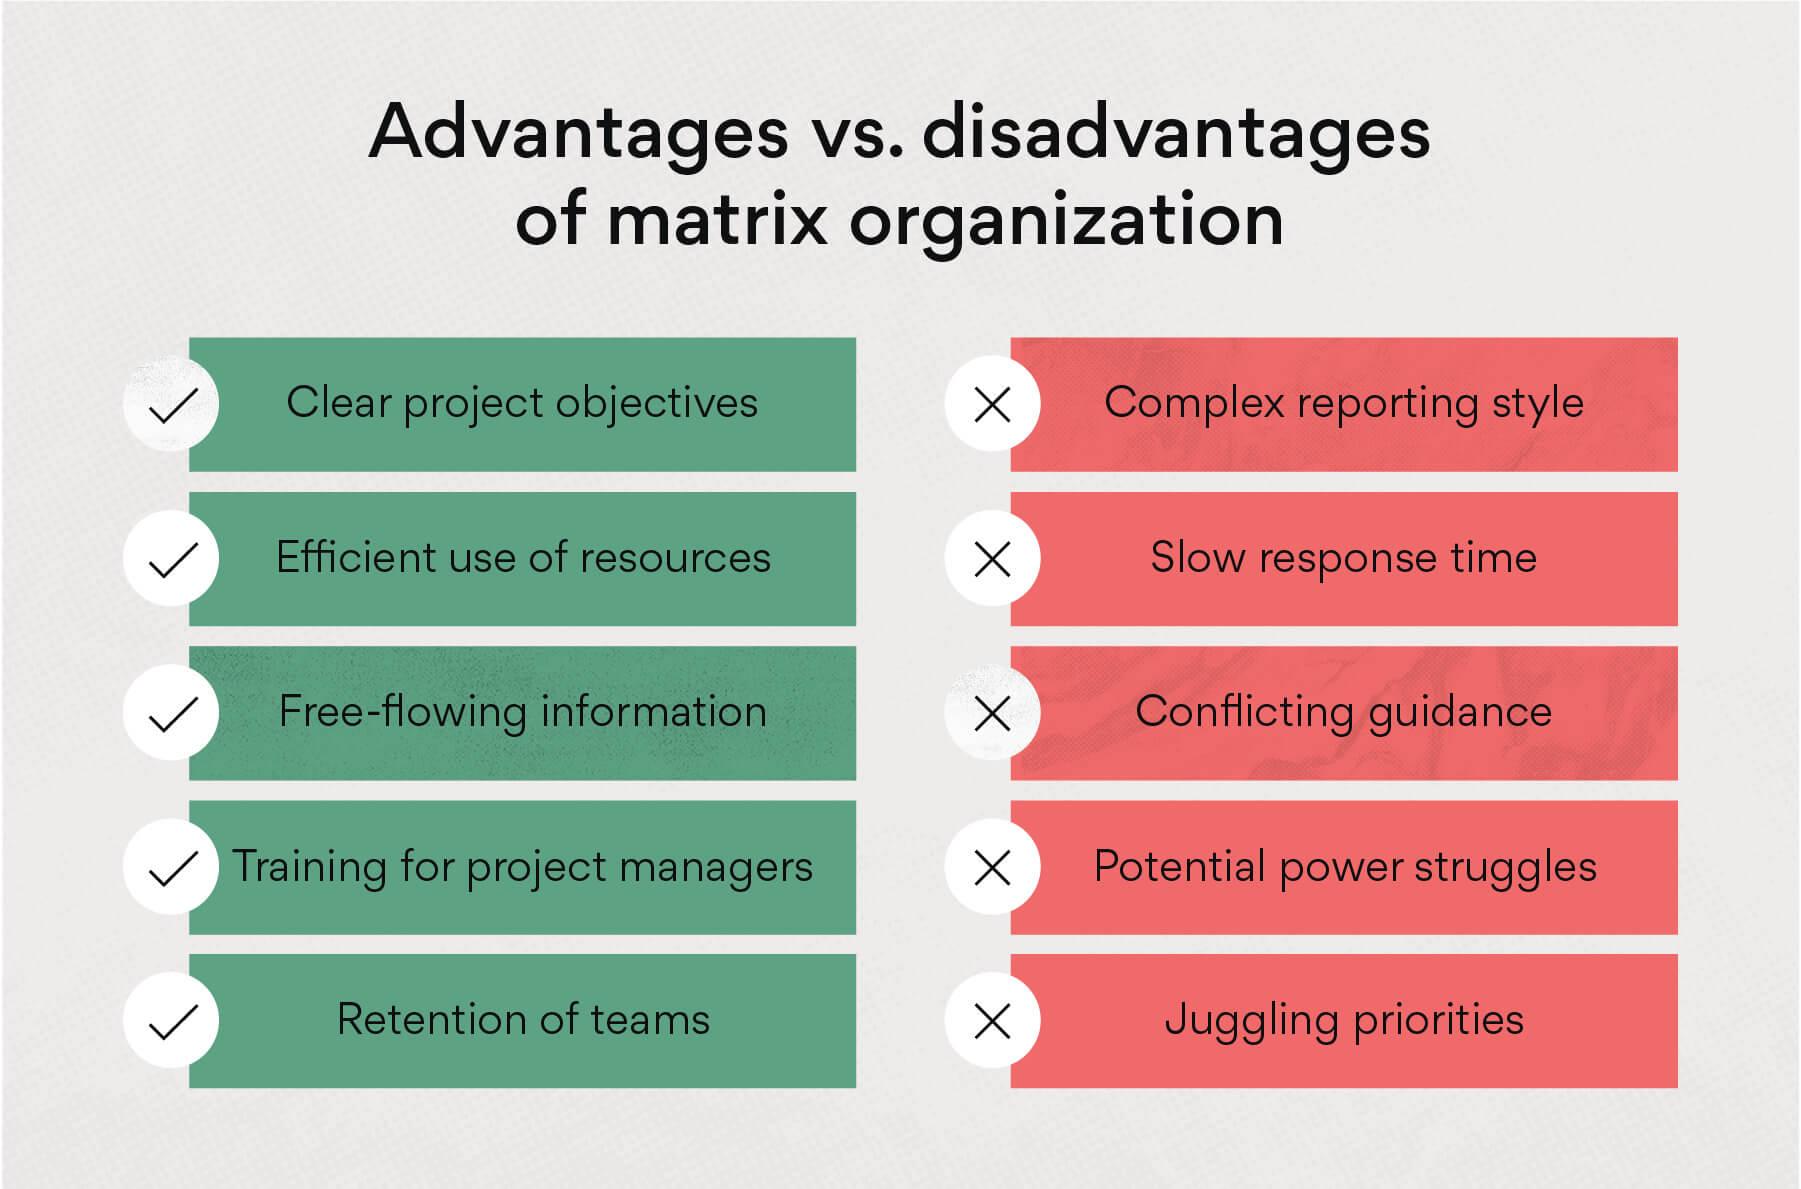 Advantages vs disadvantages of matrix organization